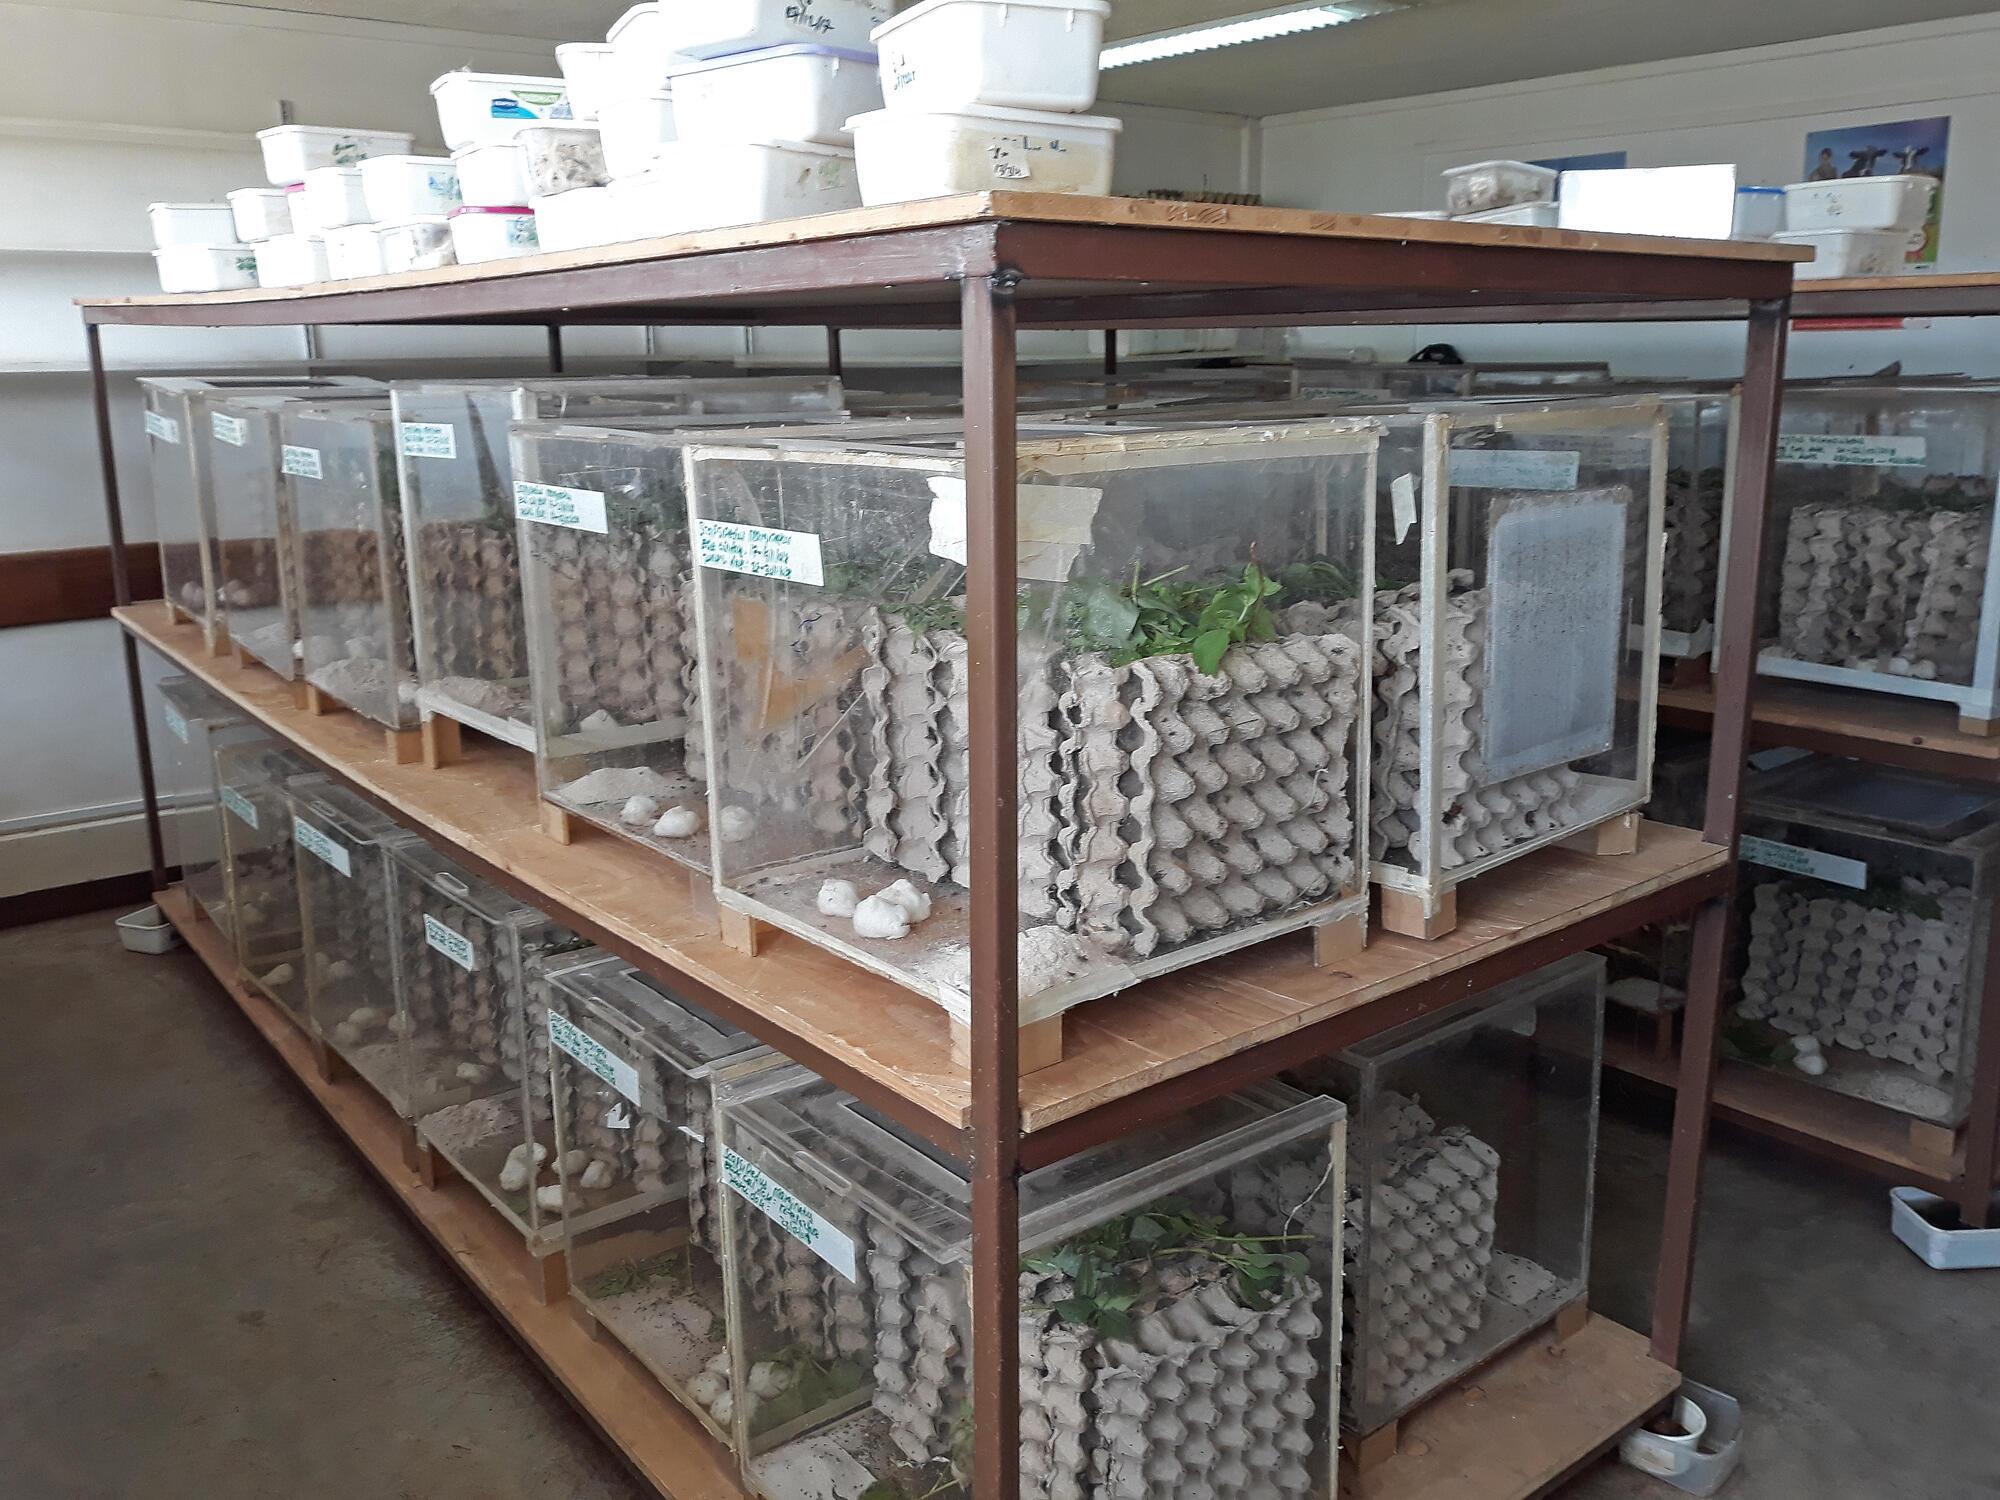 une des salles où les chercheurs élèvent des insectes